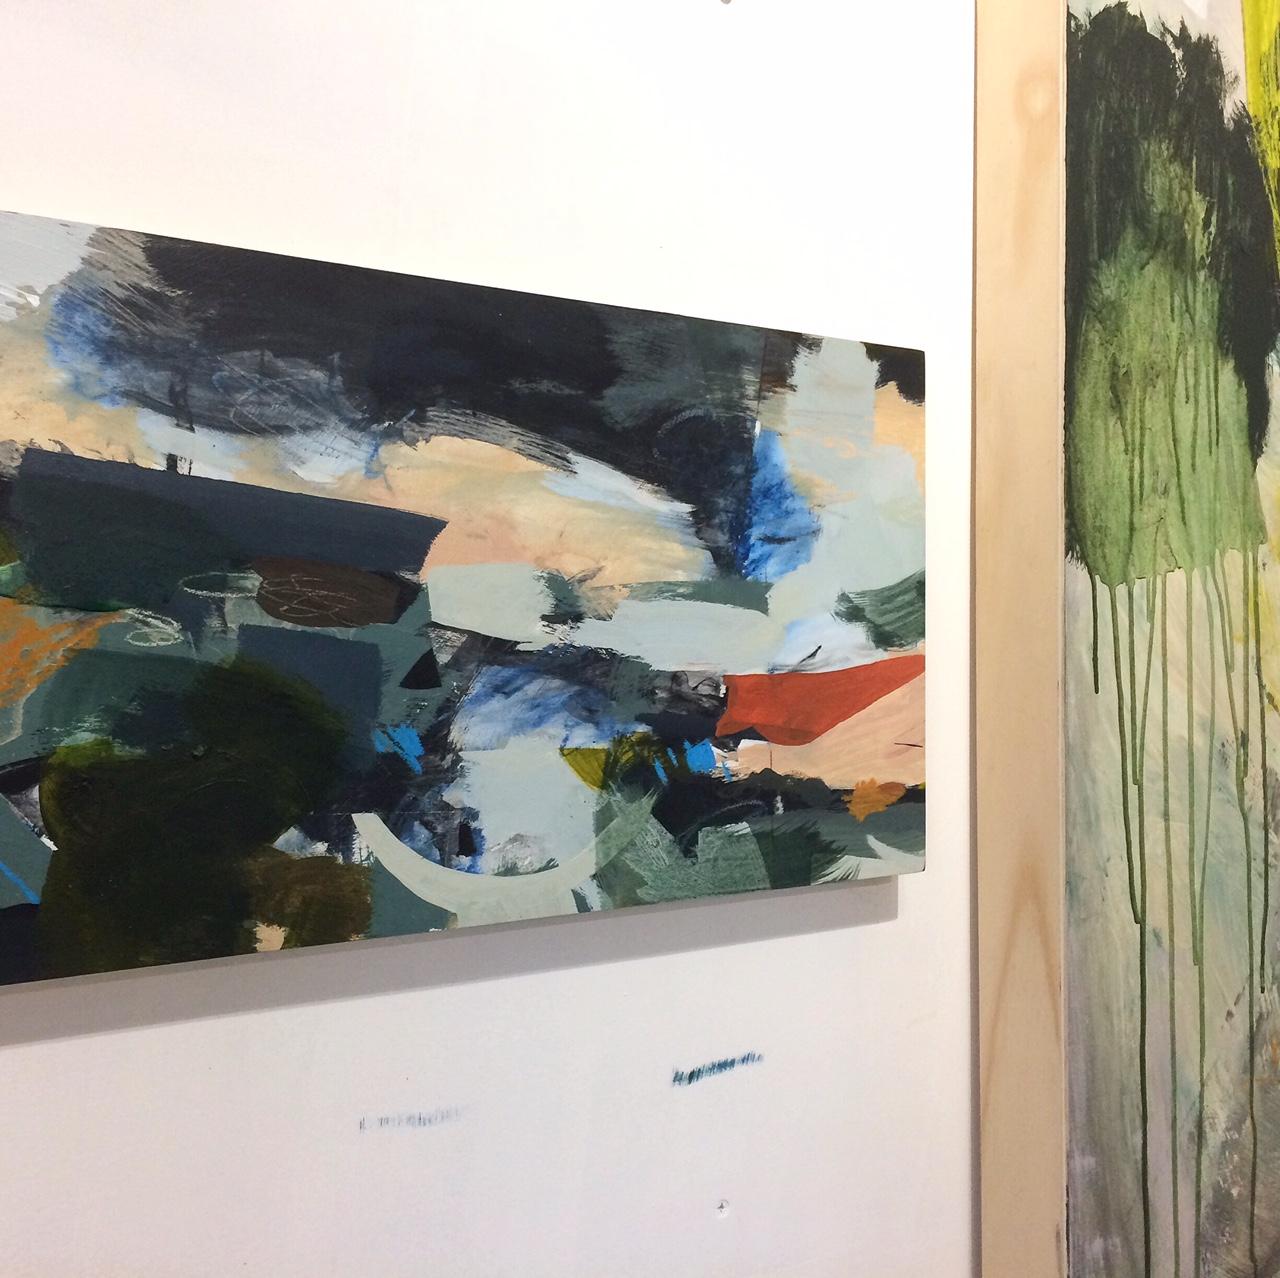 Alice Sheridan studio work in progress